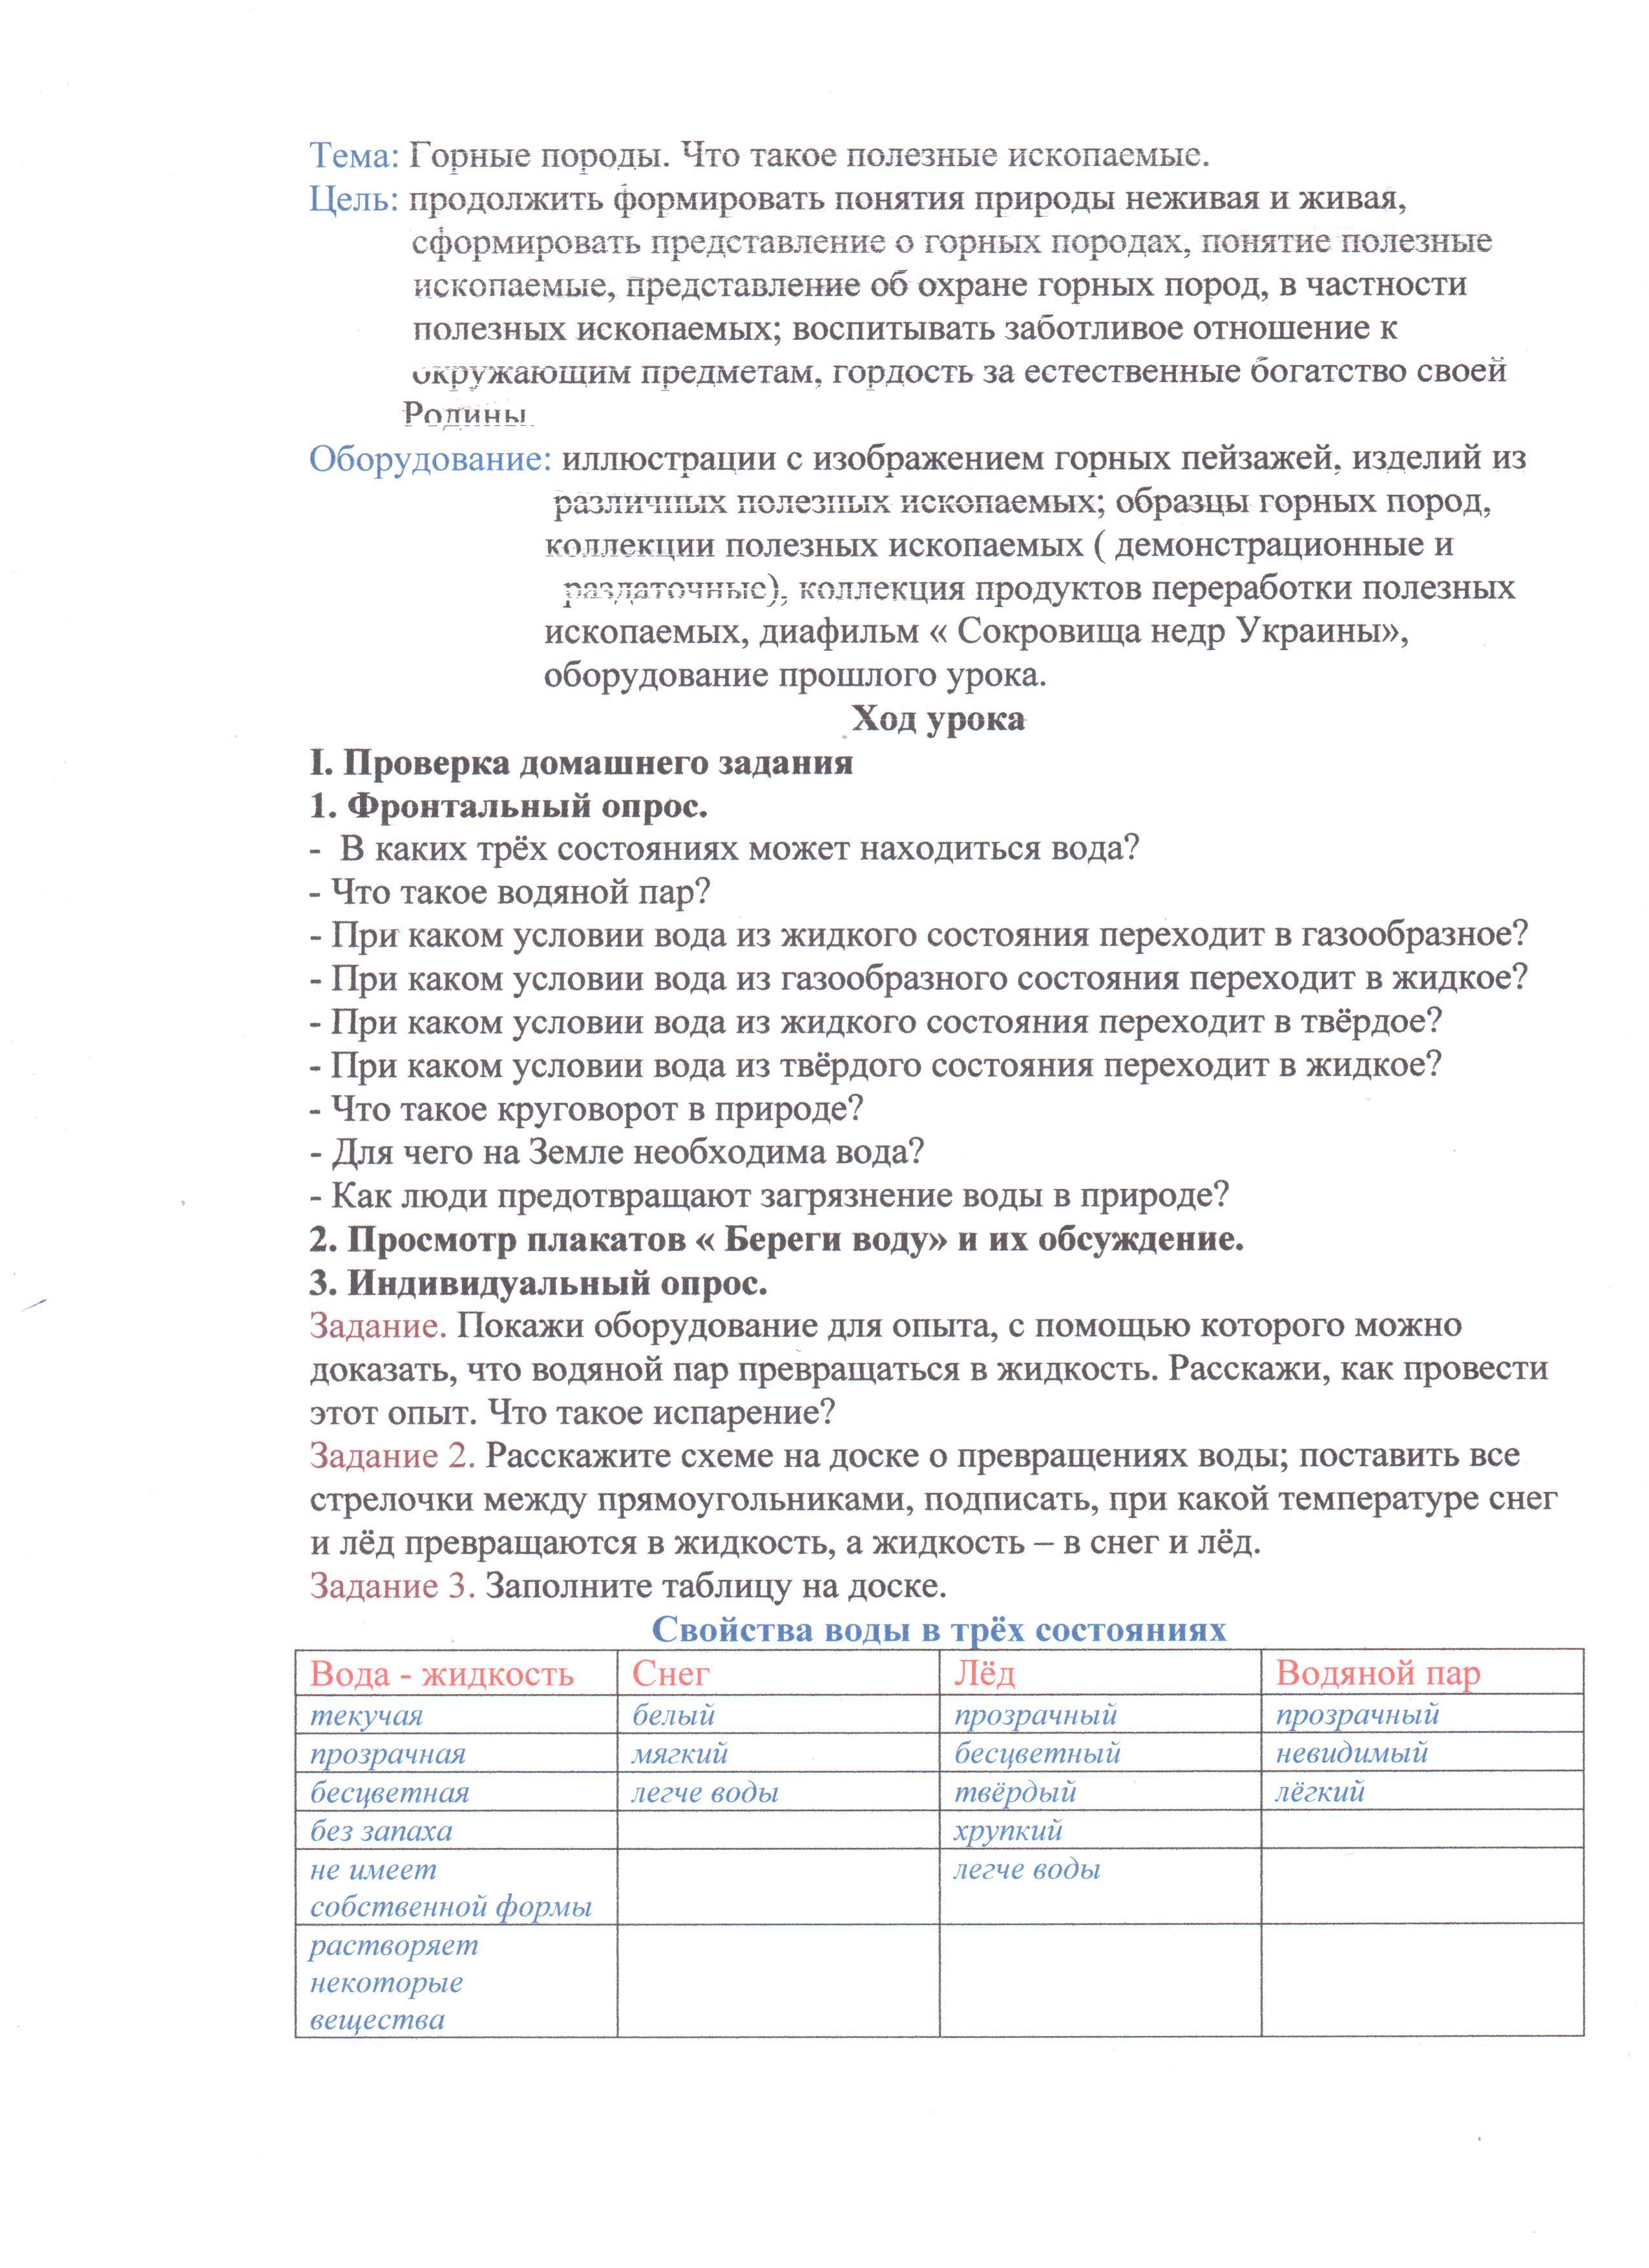 hello_html_mc44a33b.jpg